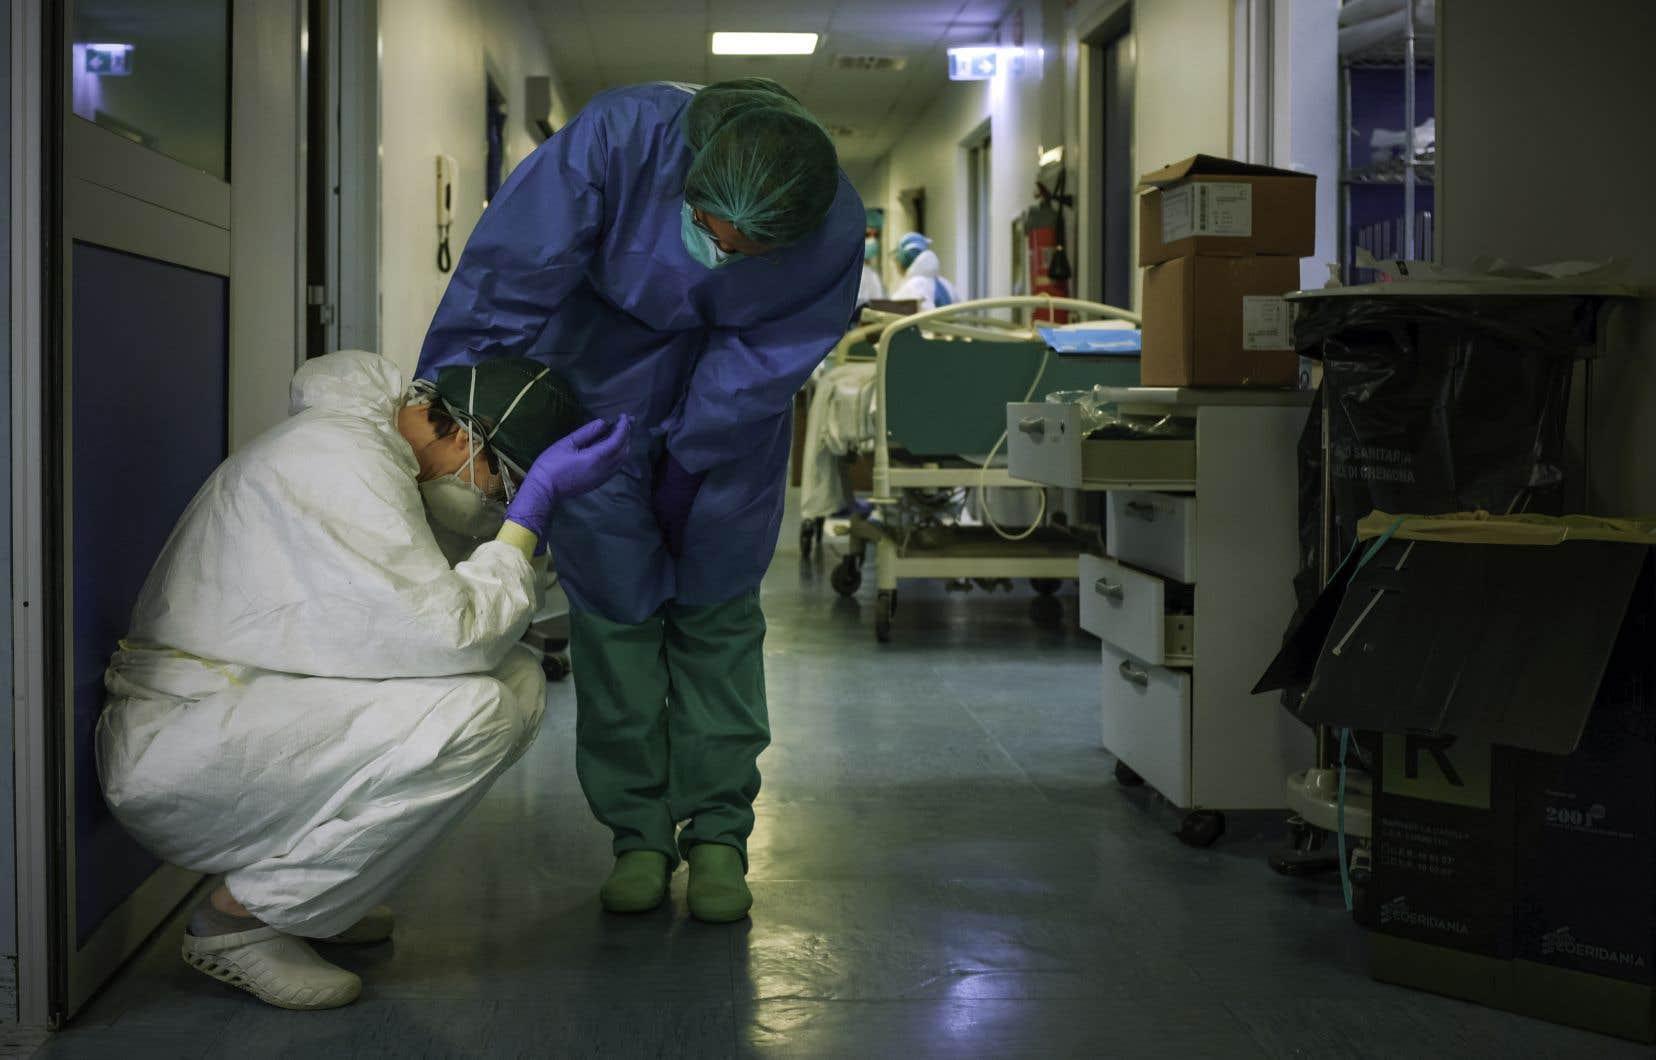 Scène de la vie quotidienne dans un hôpital en Italie.